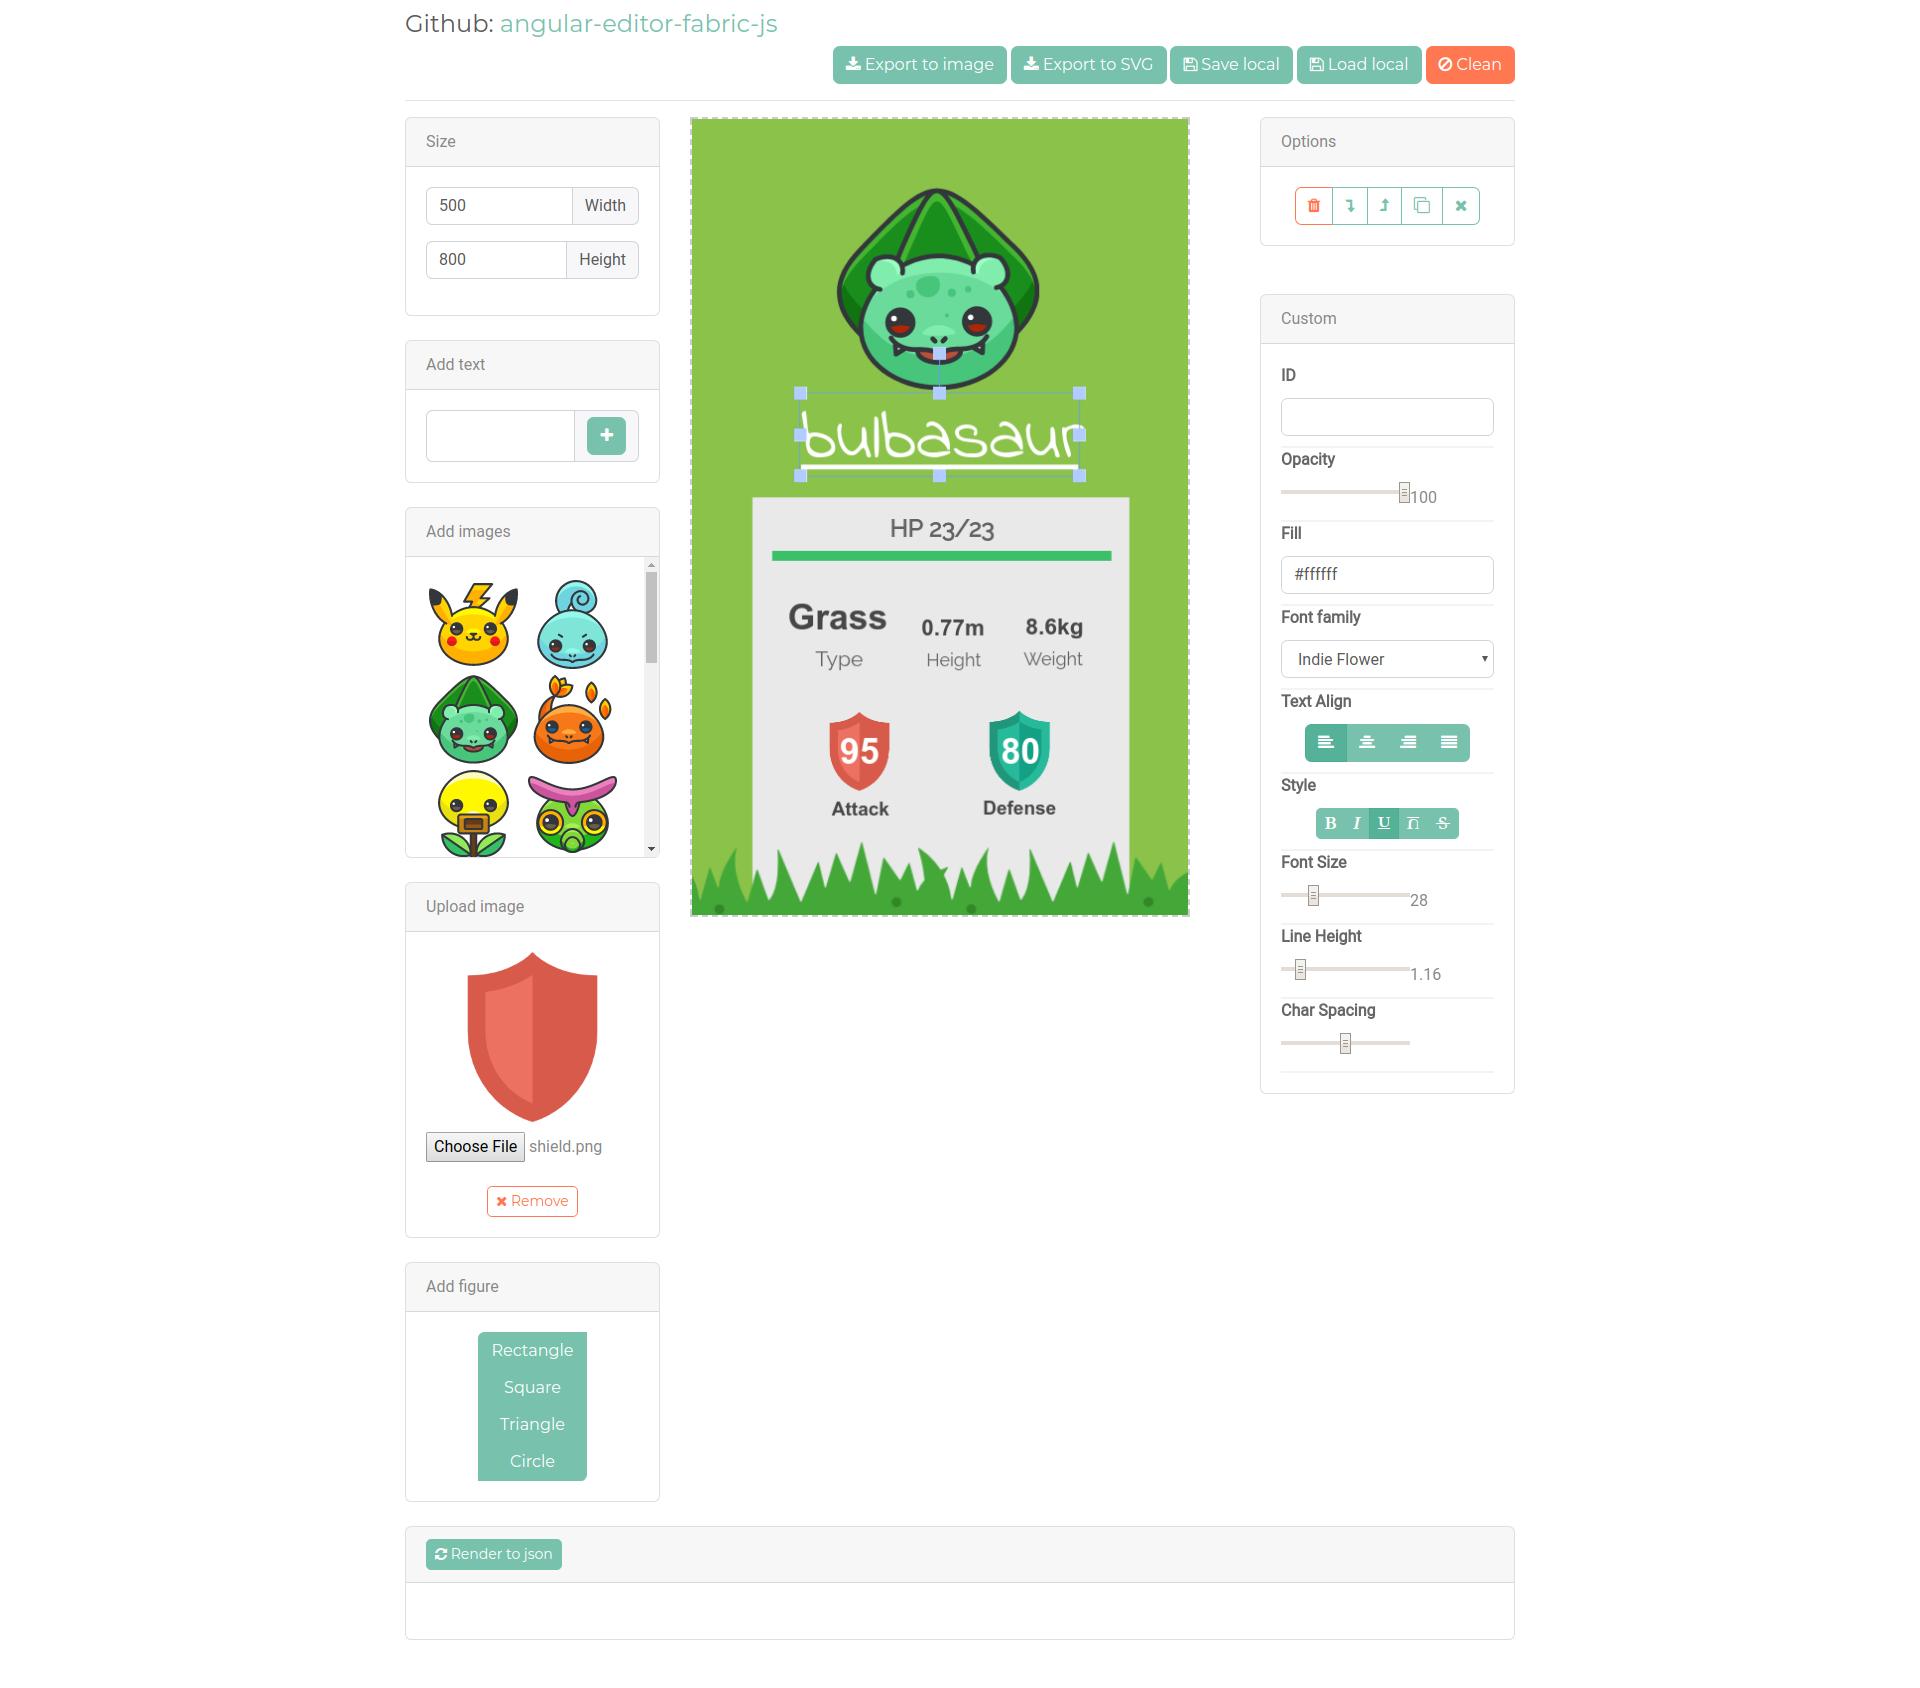 GitHub - kevoj/angular-editor-fabric-js: Drag-and-drop